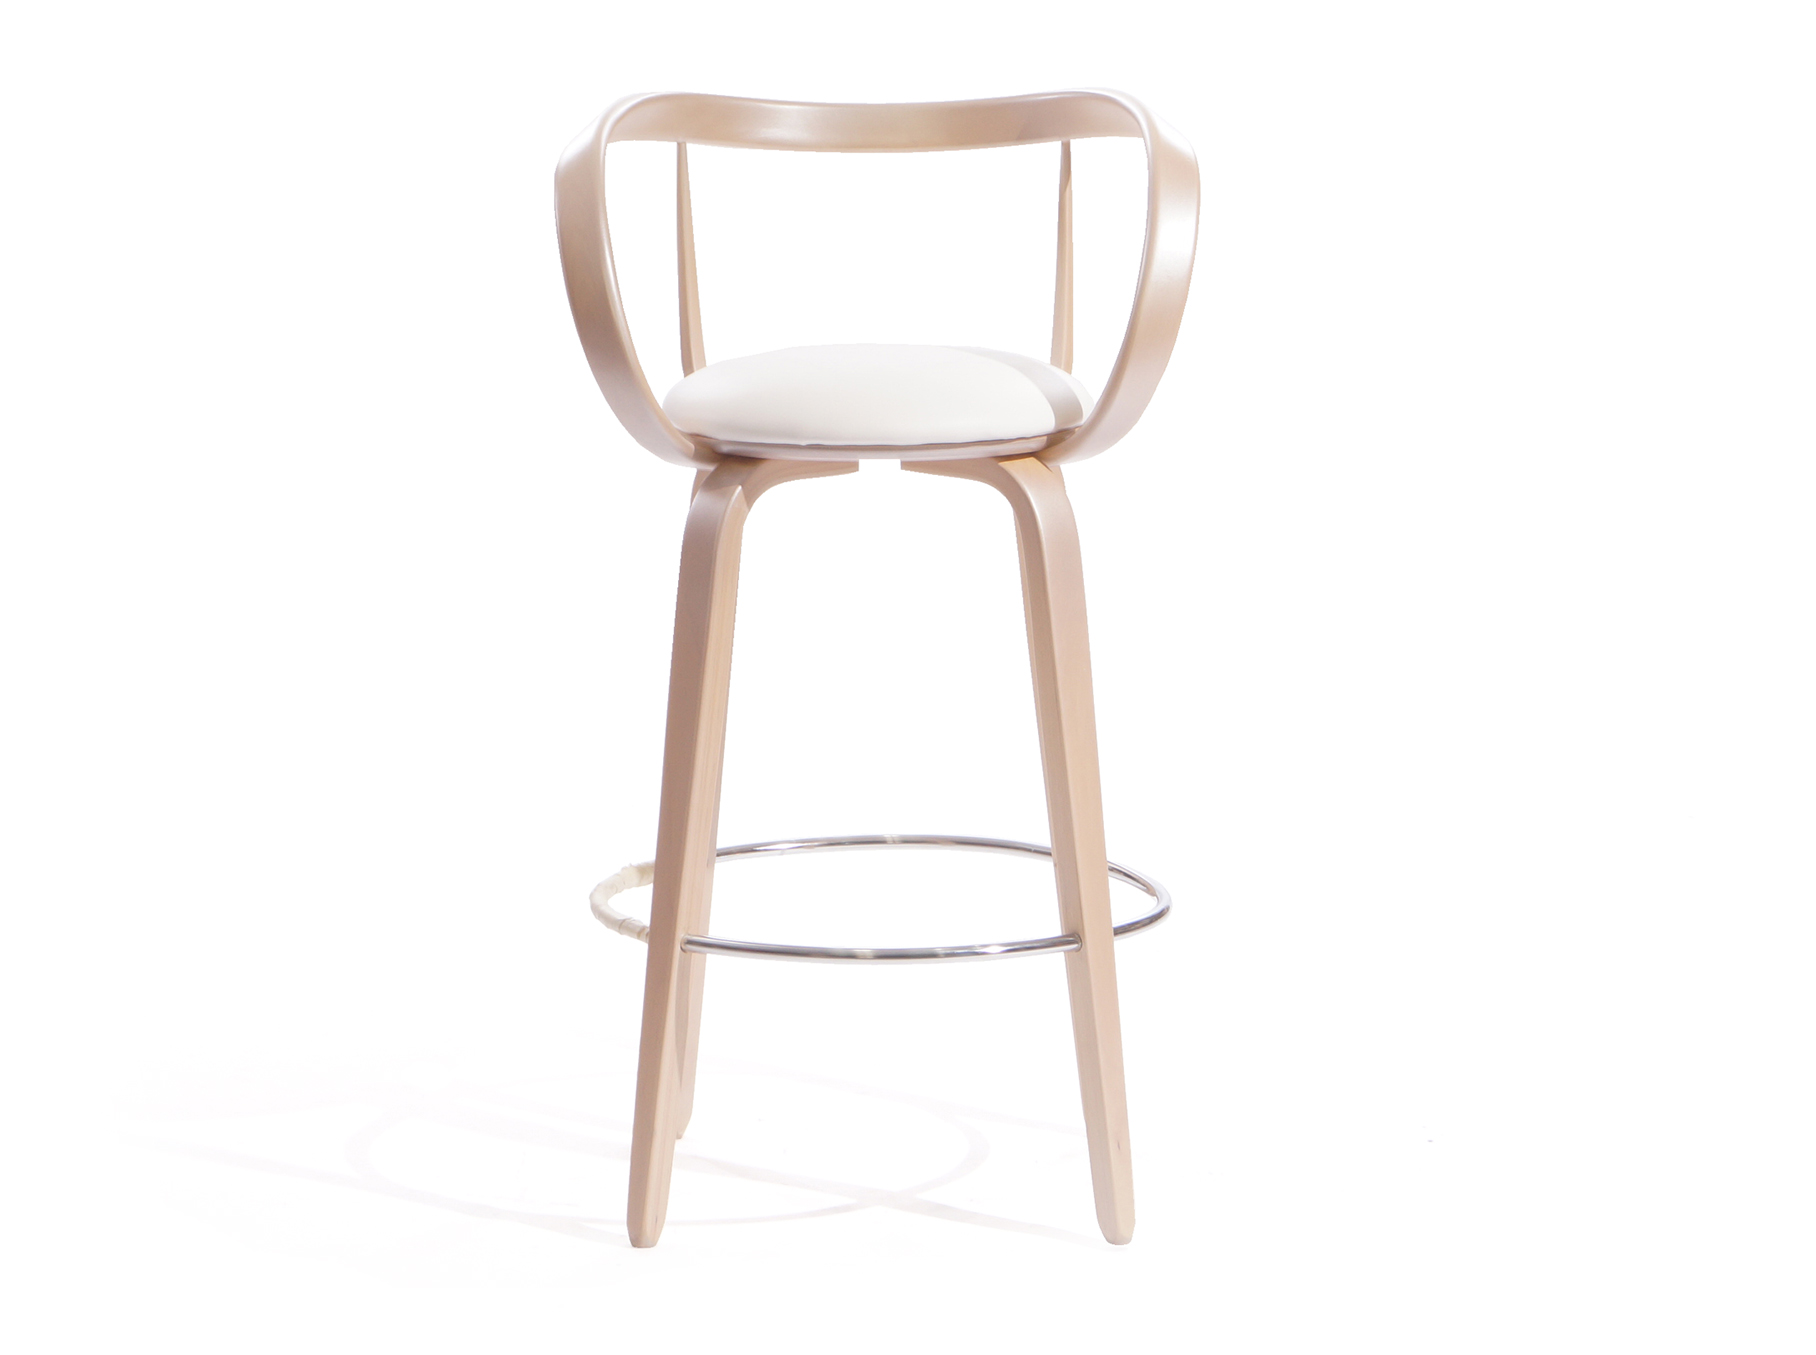 Стул барный AprioriБарные стулья<br>&amp;lt;div&amp;gt;Барный стул из натурального гнутого дерева.&amp;amp;nbsp;&amp;lt;/div&amp;gt;&amp;lt;div&amp;gt;&amp;lt;br&amp;gt;&amp;lt;/div&amp;gt;&amp;lt;div&amp;gt;Высота от пола до верха сидения 70см .&amp;amp;nbsp;&amp;lt;/div&amp;gt;&amp;lt;div&amp;gt;Материал: натуральное дерево,береза .&amp;amp;nbsp;&amp;lt;/div&amp;gt;&amp;lt;div&amp;gt;Обивка: кожа.&amp;lt;/div&amp;gt;<br><br>Material: Кожа<br>Length см: None<br>Width см: 53<br>Depth см: 53<br>Height см: 100<br>Diameter см: None